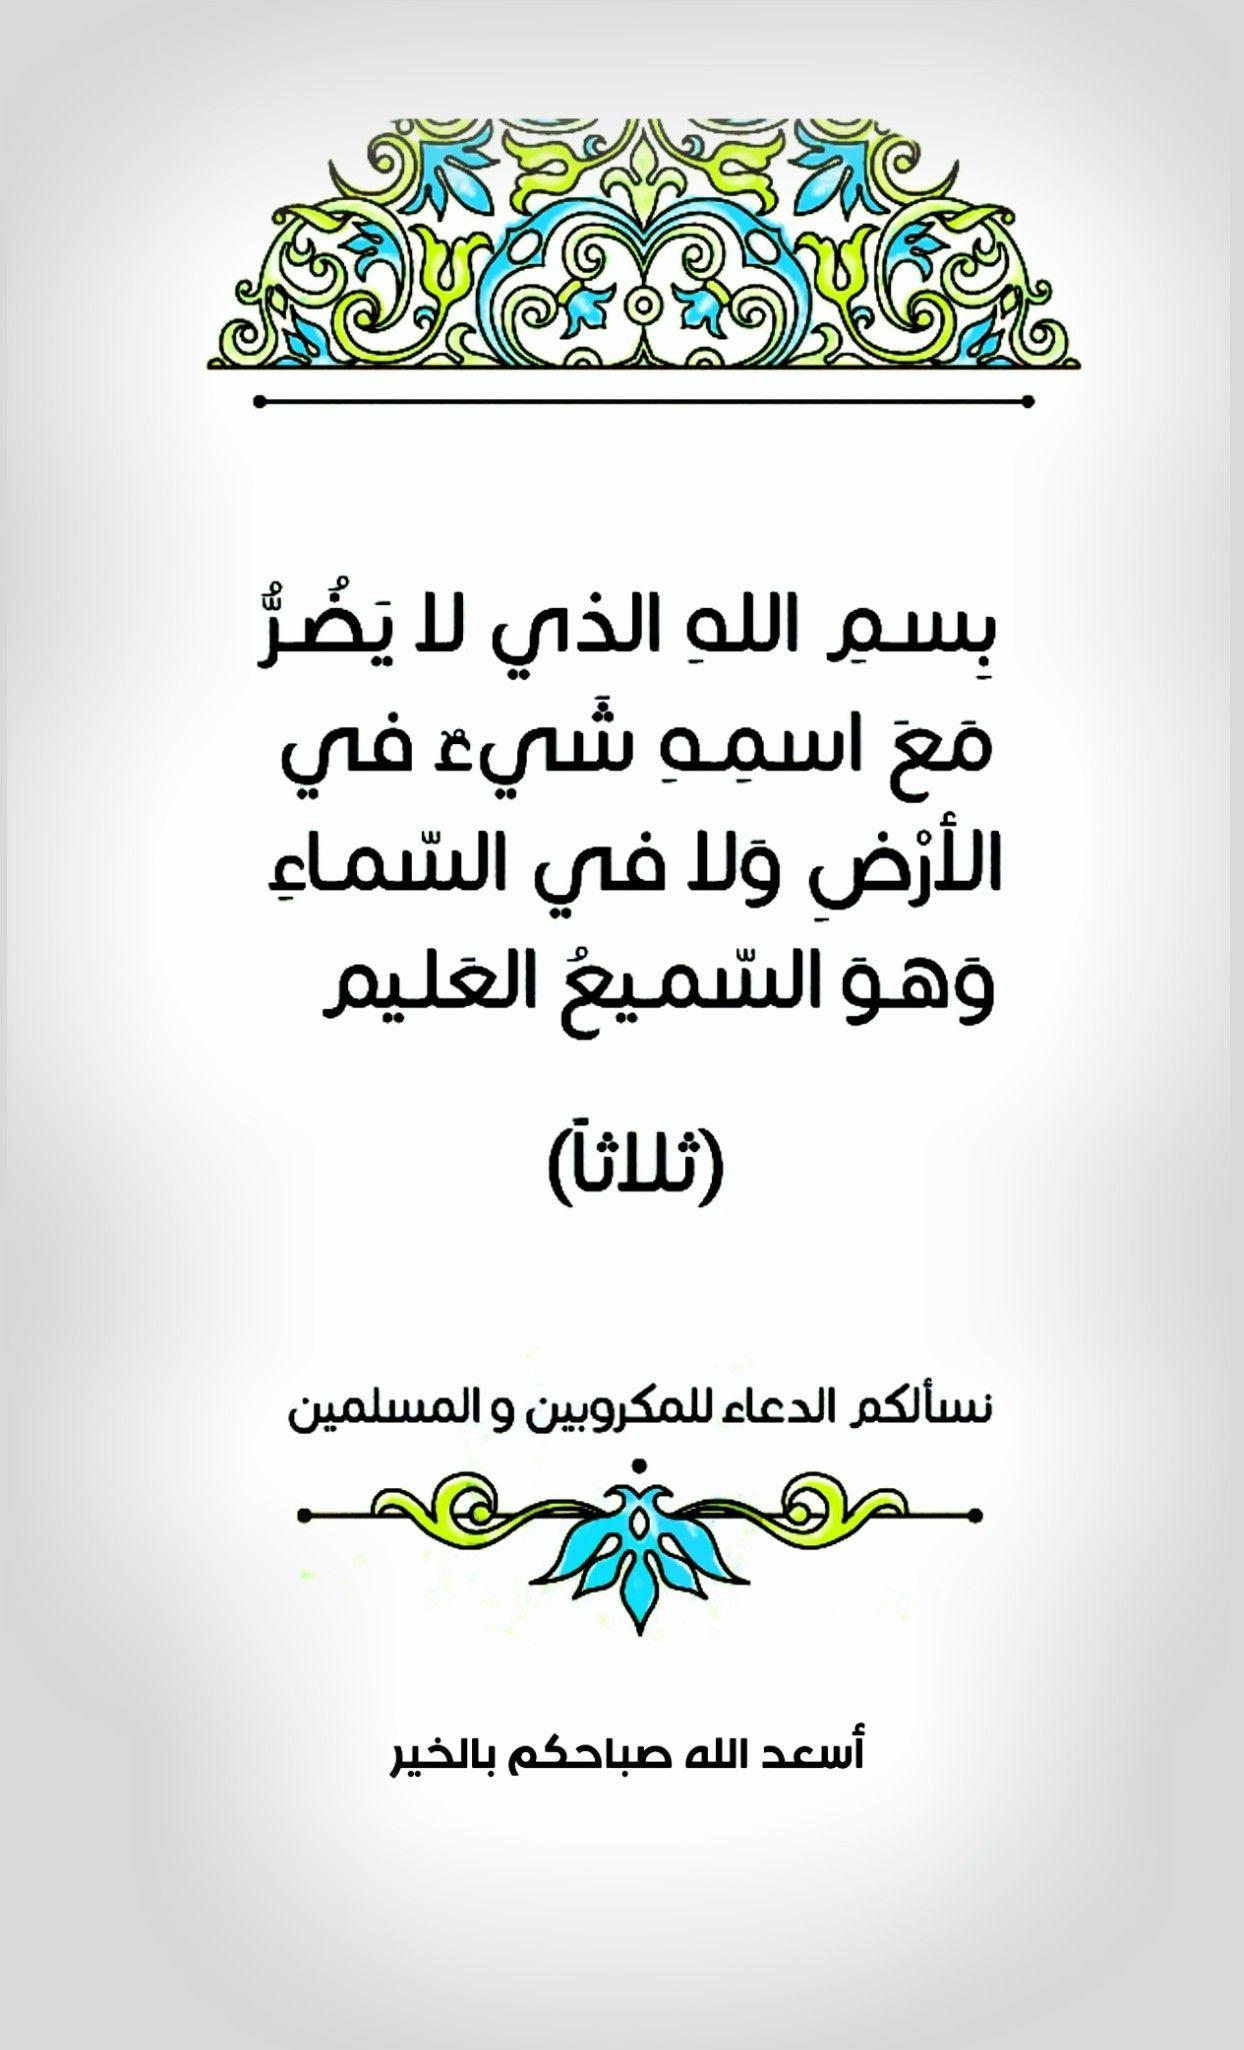 بسم الله الذي لا يضر مع اسمه شيء في الأرض ولا في السماء وهو السميع العليم ثلاثا نسألكم الدعاء ل Islamic Love Quotes Quran Quotes Love Good Morning Arabic